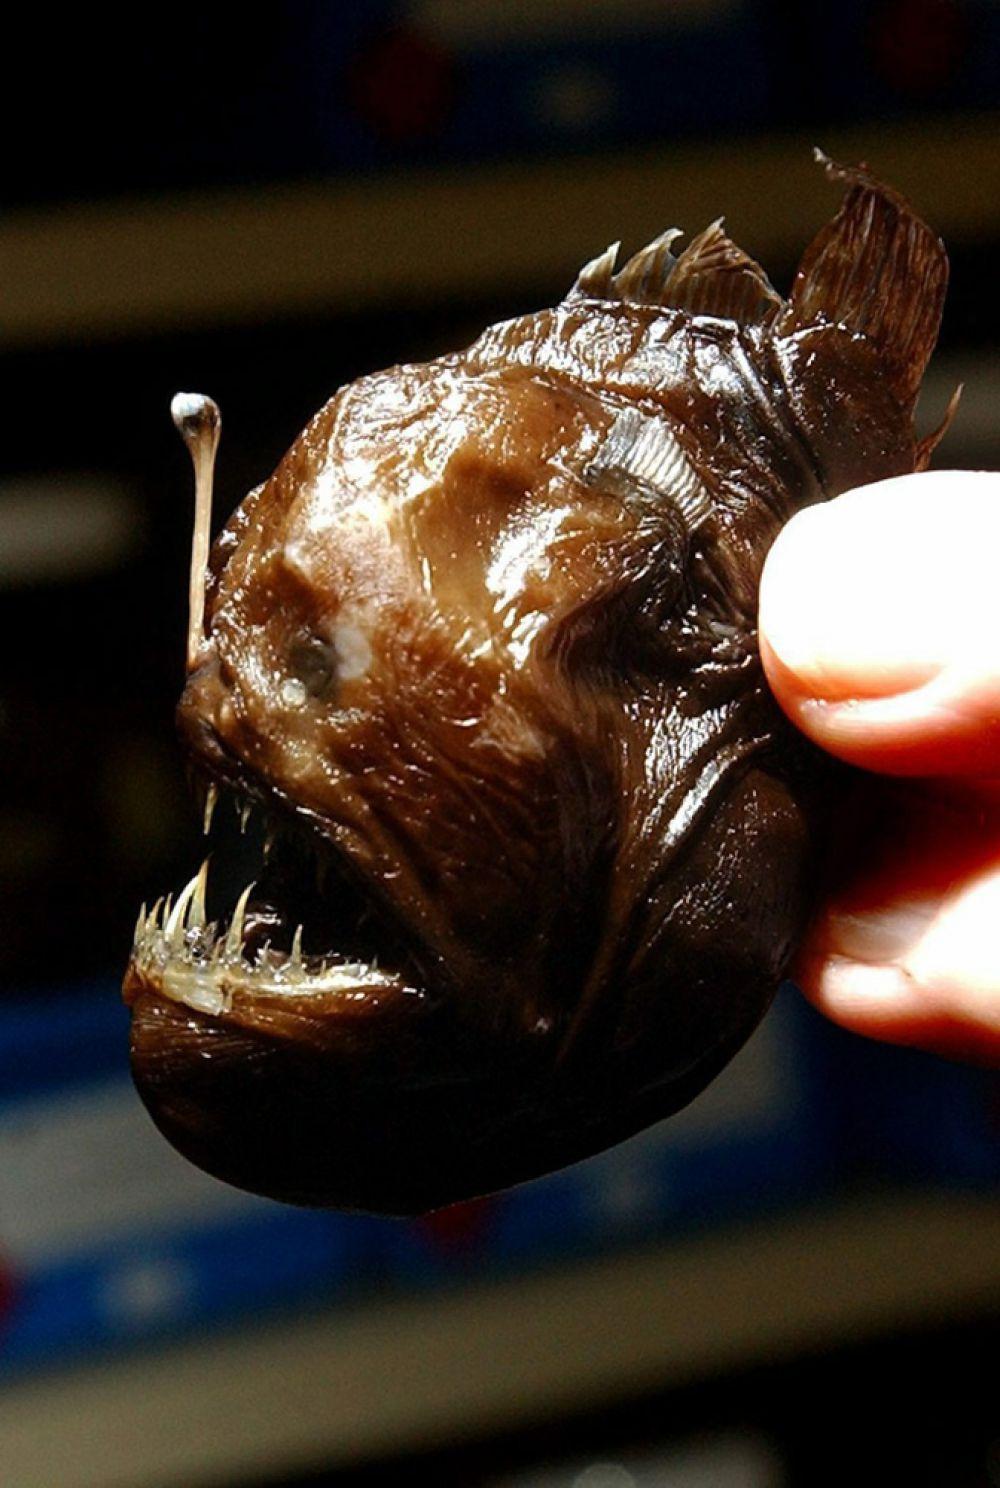 Морской черт также известен как «омар для бедных», удильщик, морской ангел. Этот вид рыб живет в северо-западной атлантической прибрежной зоне.